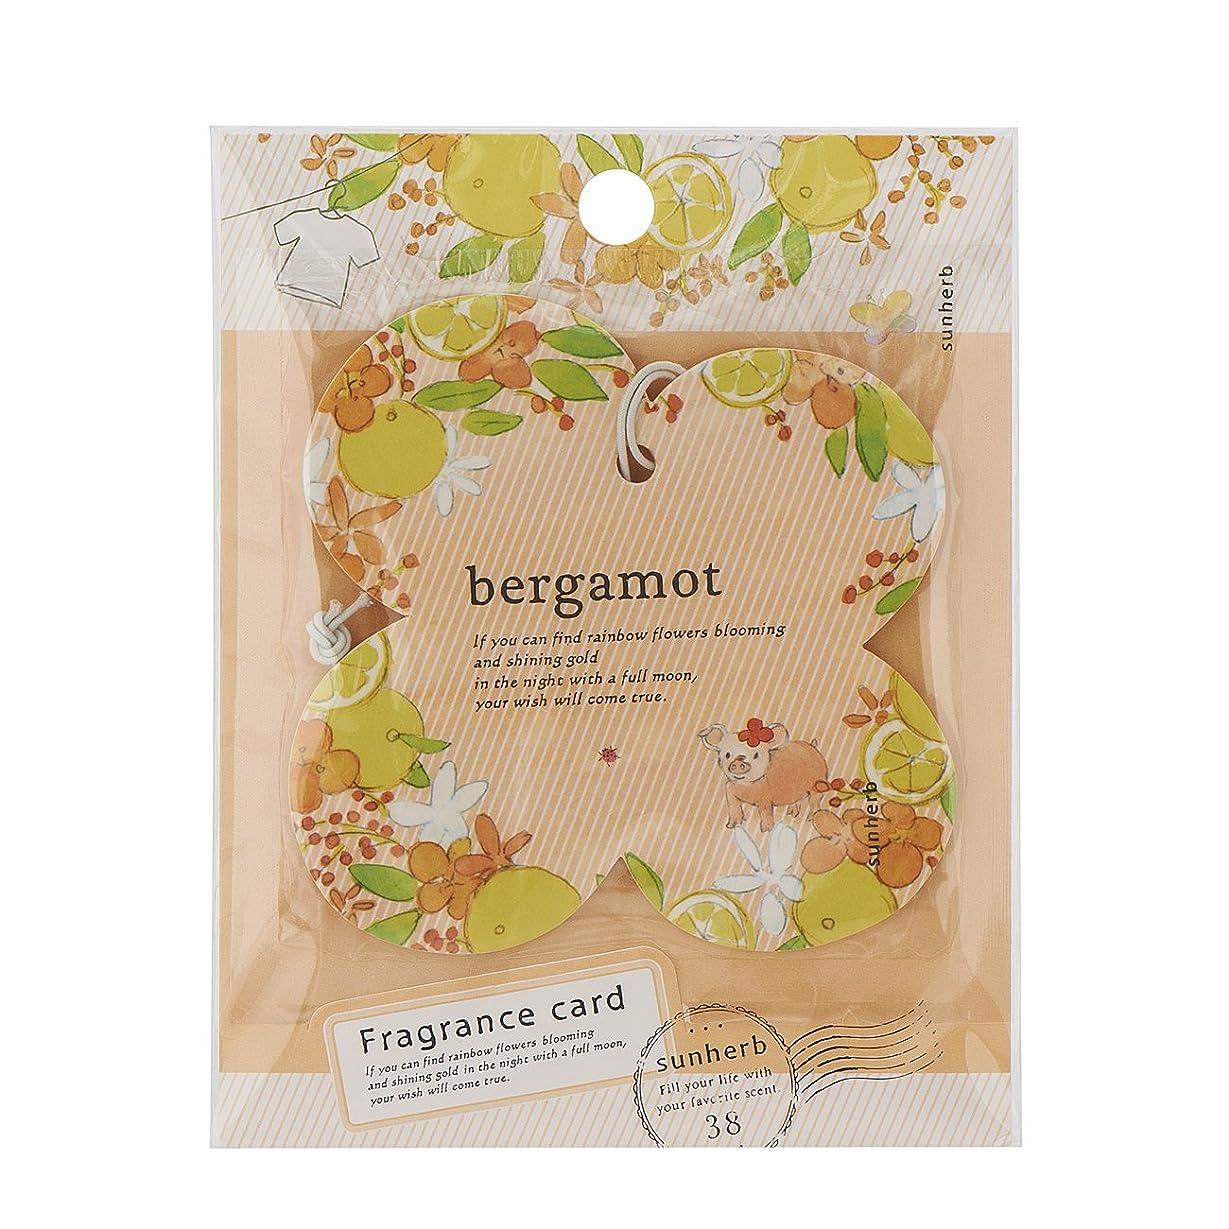 サンハーブ フレグランスカード ベルガモット(芳香剤 エアフレッシュナー 懐かしい甘酸っぱい香り)